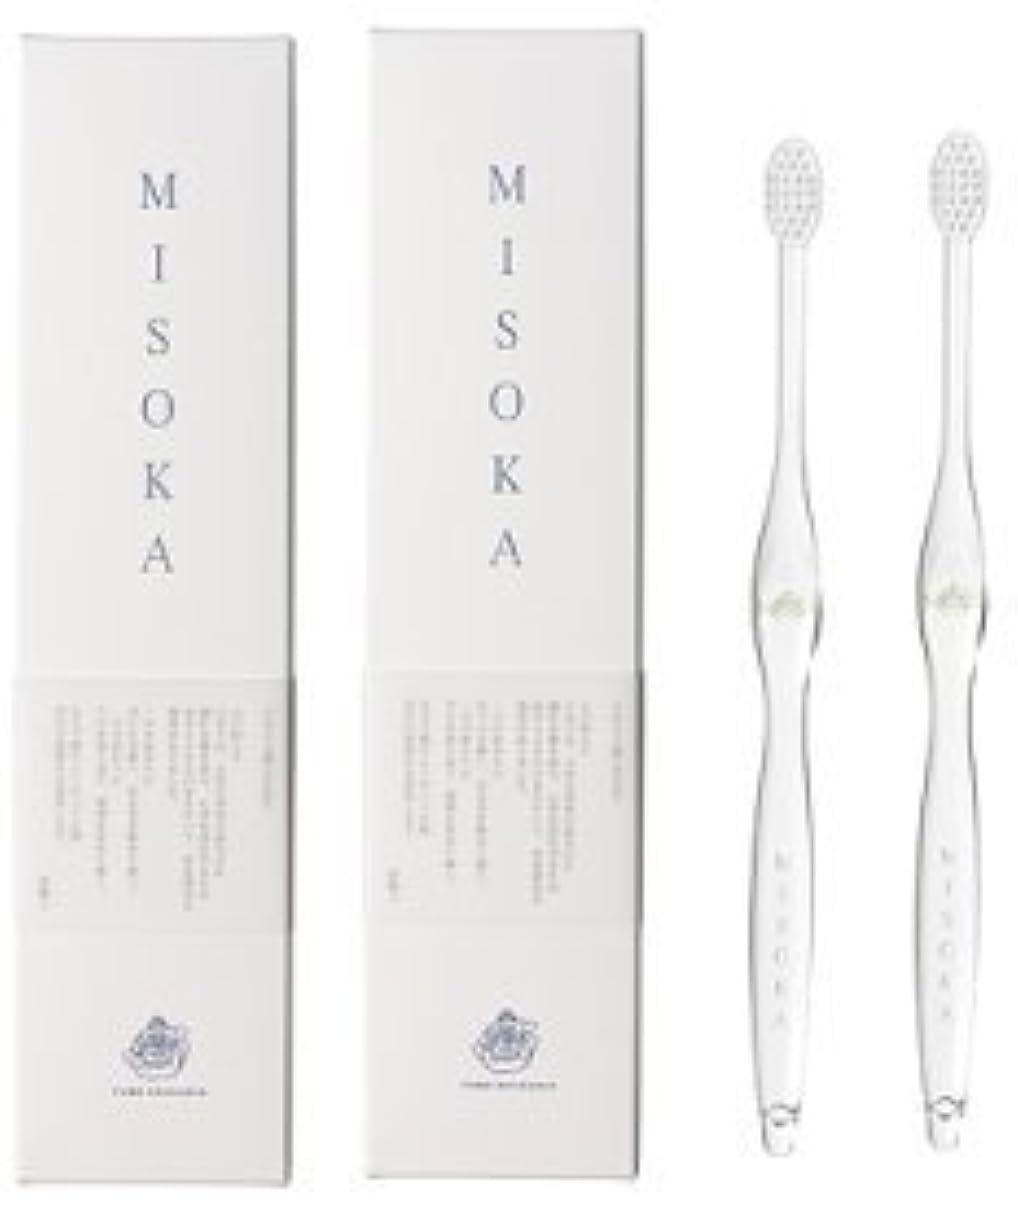 ブルジョンコジオスコ雰囲気MISOKA(ミソカ) 歯ブラシ 若草色 2本セット